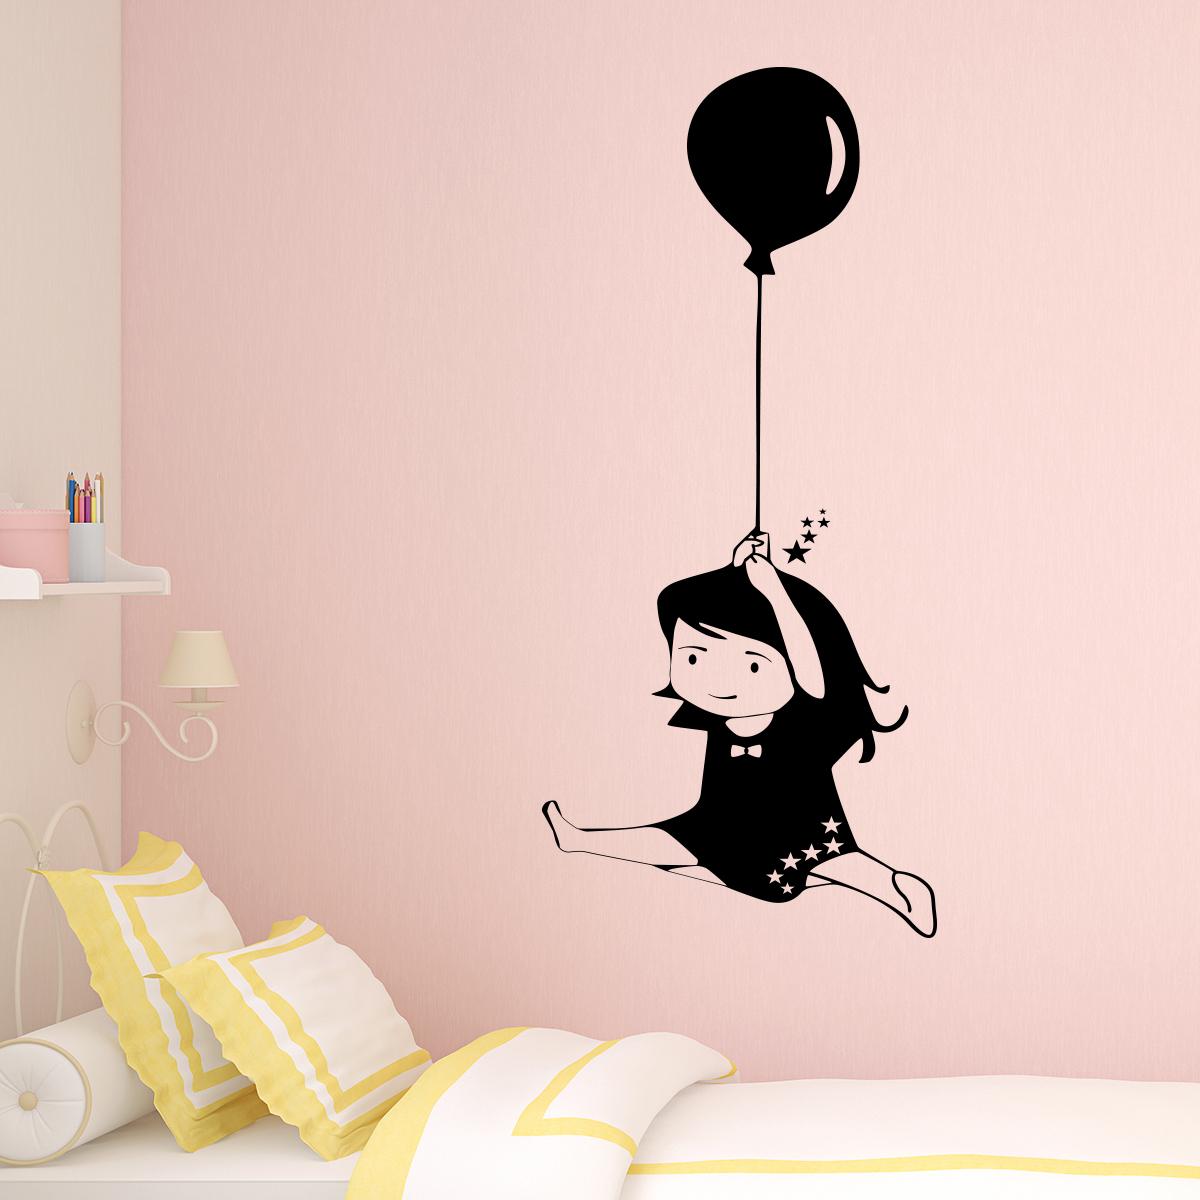 sticker petite fille avec ballon stickers chambre ado fille ambiance sticker. Black Bedroom Furniture Sets. Home Design Ideas